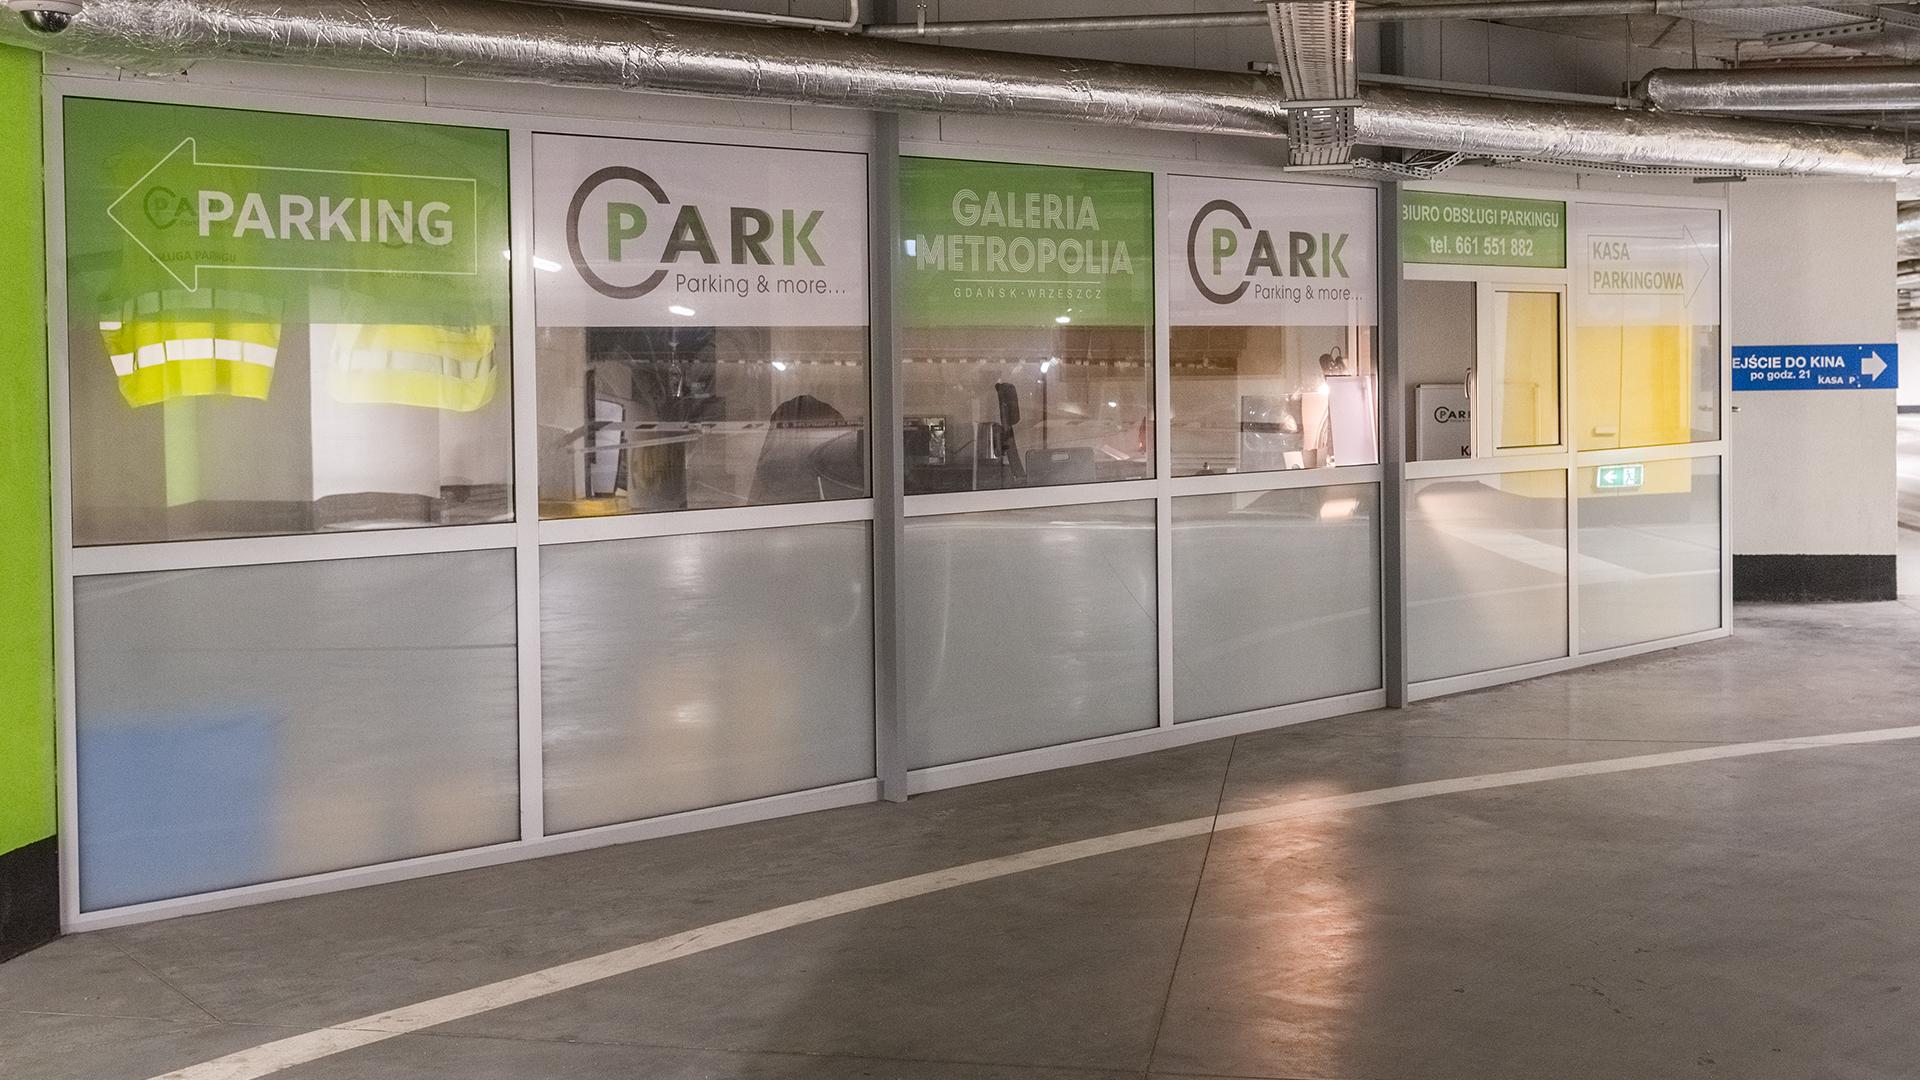 Parking Car Park